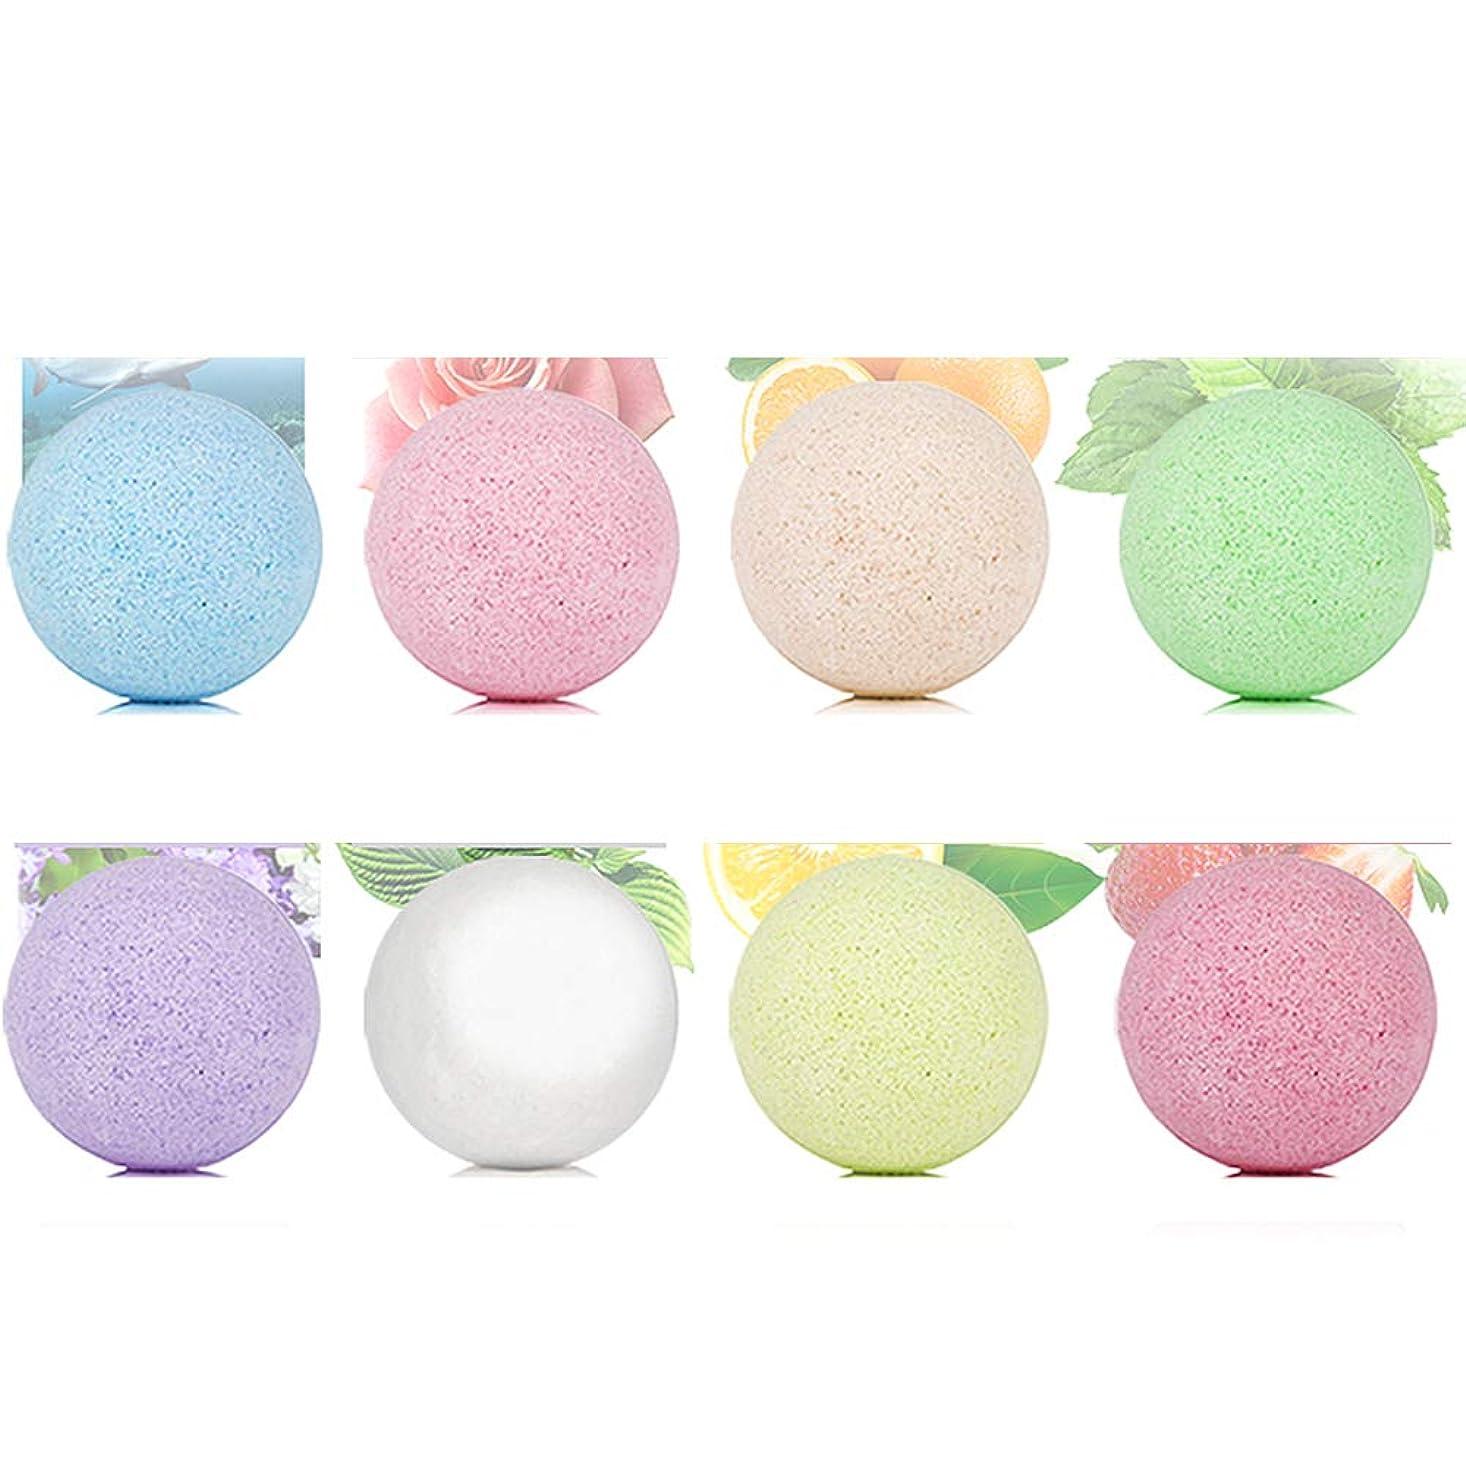 もっと農民野球バスボム 炭酸 入浴剤 ギフト 手作り お風呂用 8つの香りキット 天然素材 カラフル バスボール 母の日 結婚記念日 プレゼント